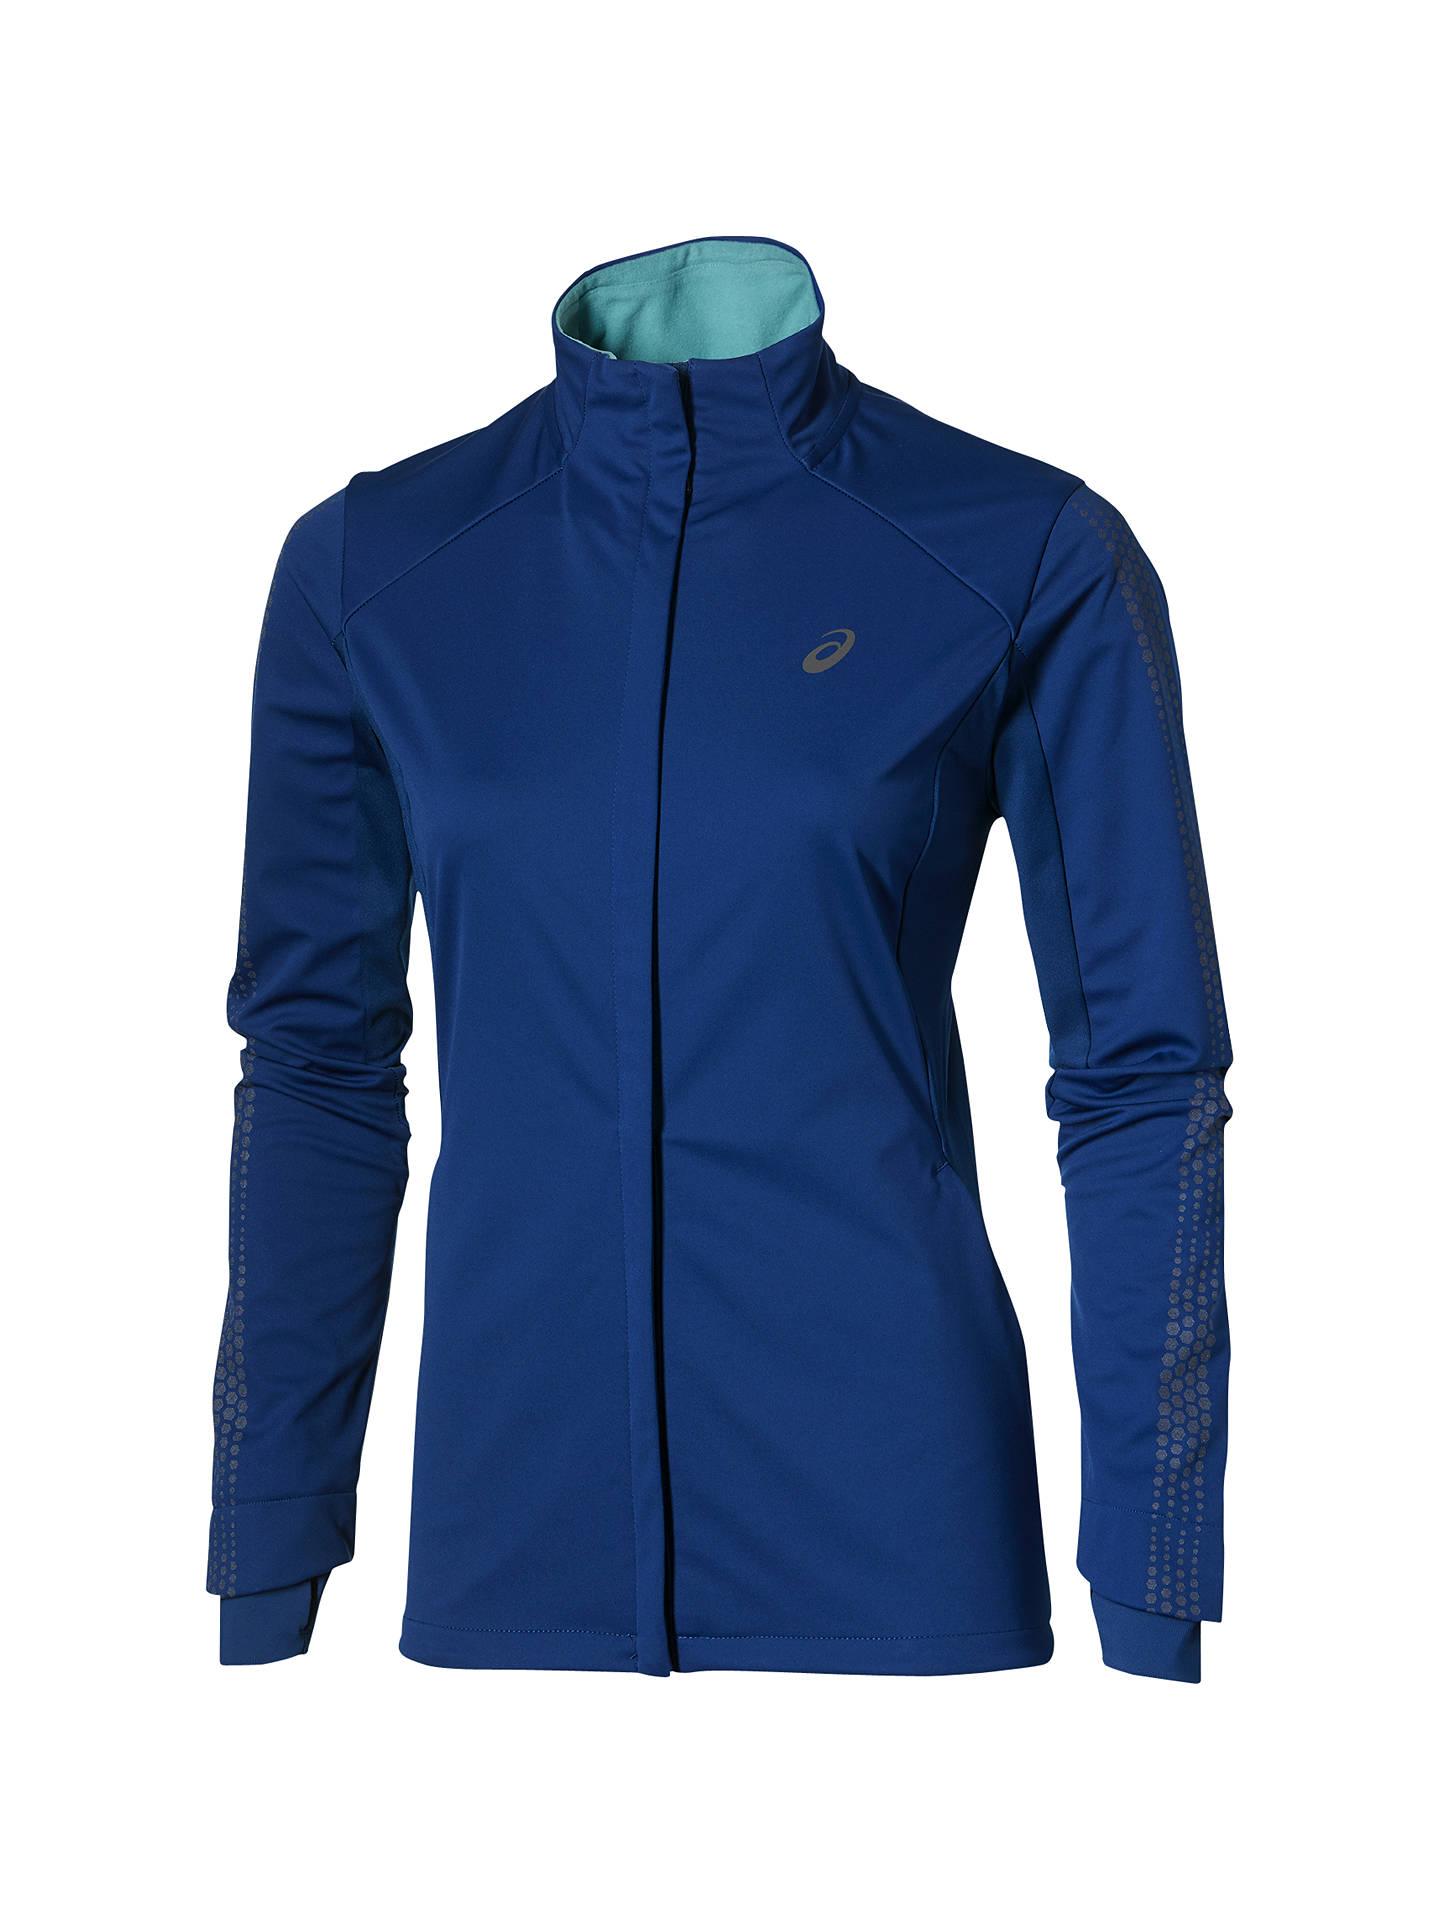 Asics Liteshow Winter Women's Jacket, Blue at John Lewis